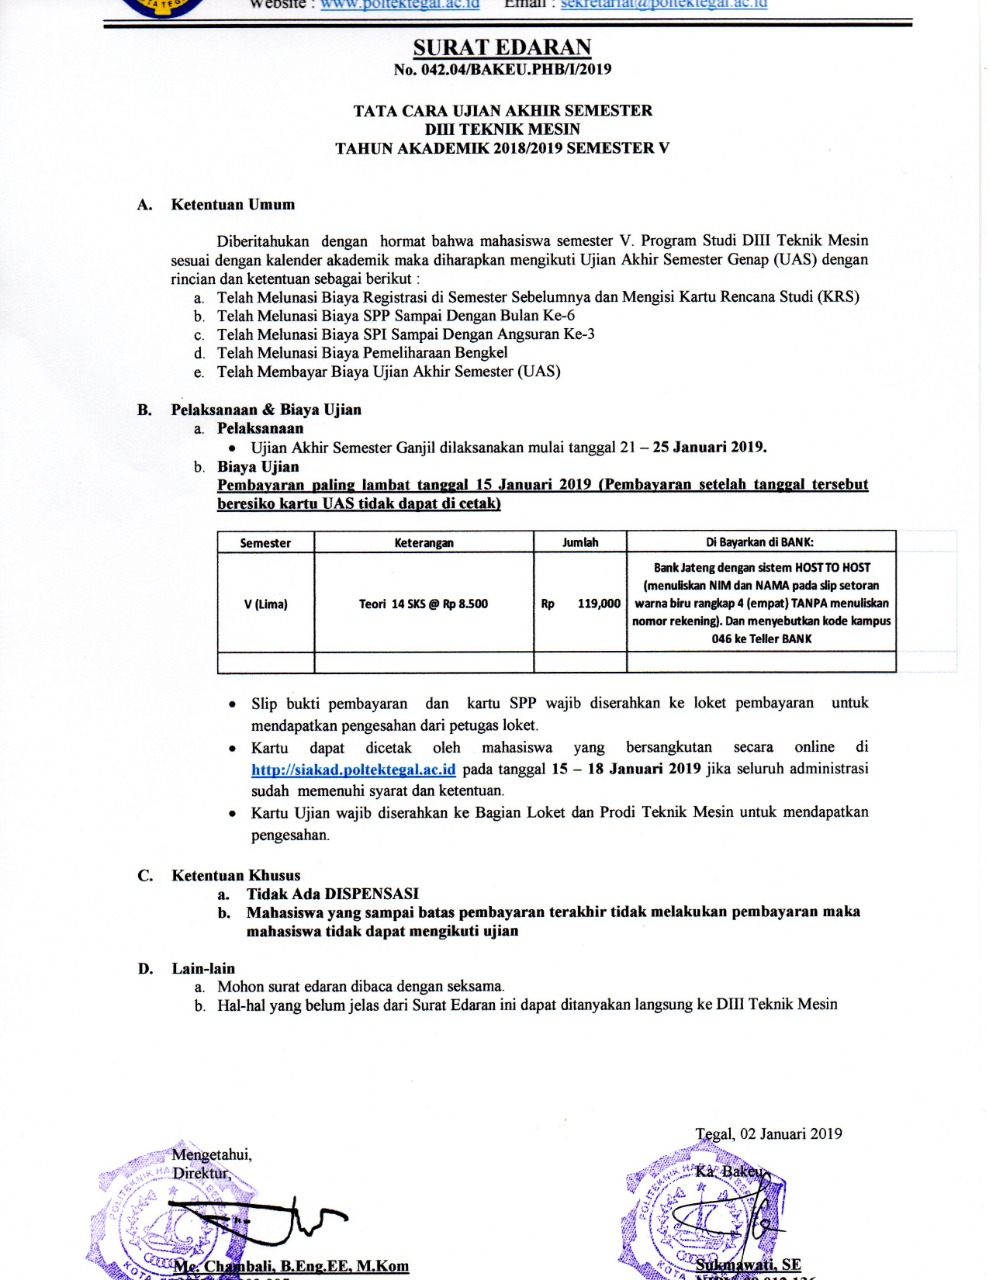 Surat Edaran UAS Semester 5 Prodi Mesin